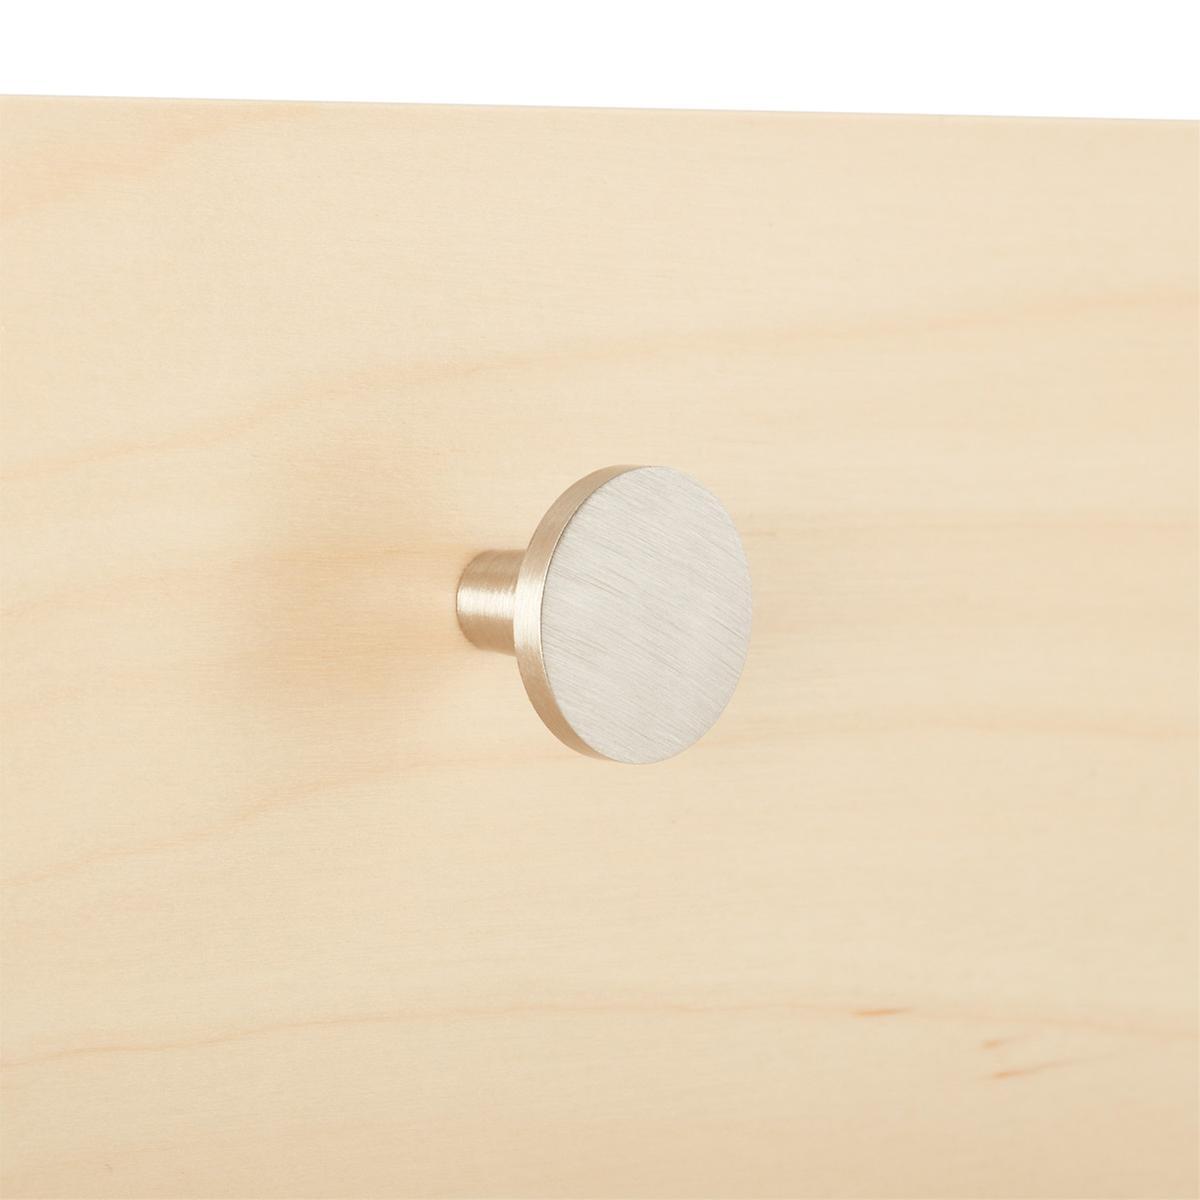 Elfa Decor Brushed Nickel Flat Knob